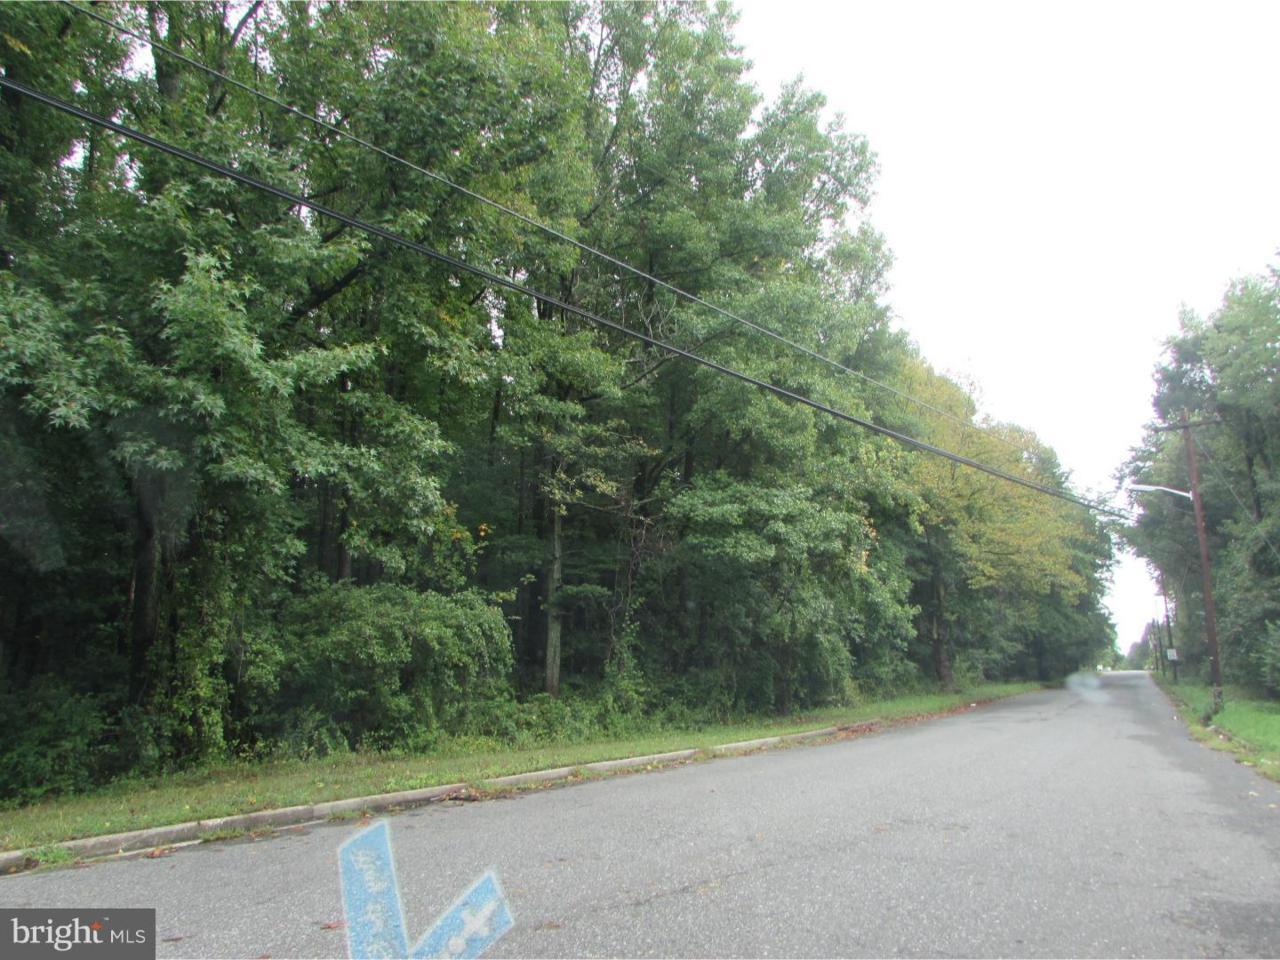 495 Pennsville Auburn Road - Photo 1